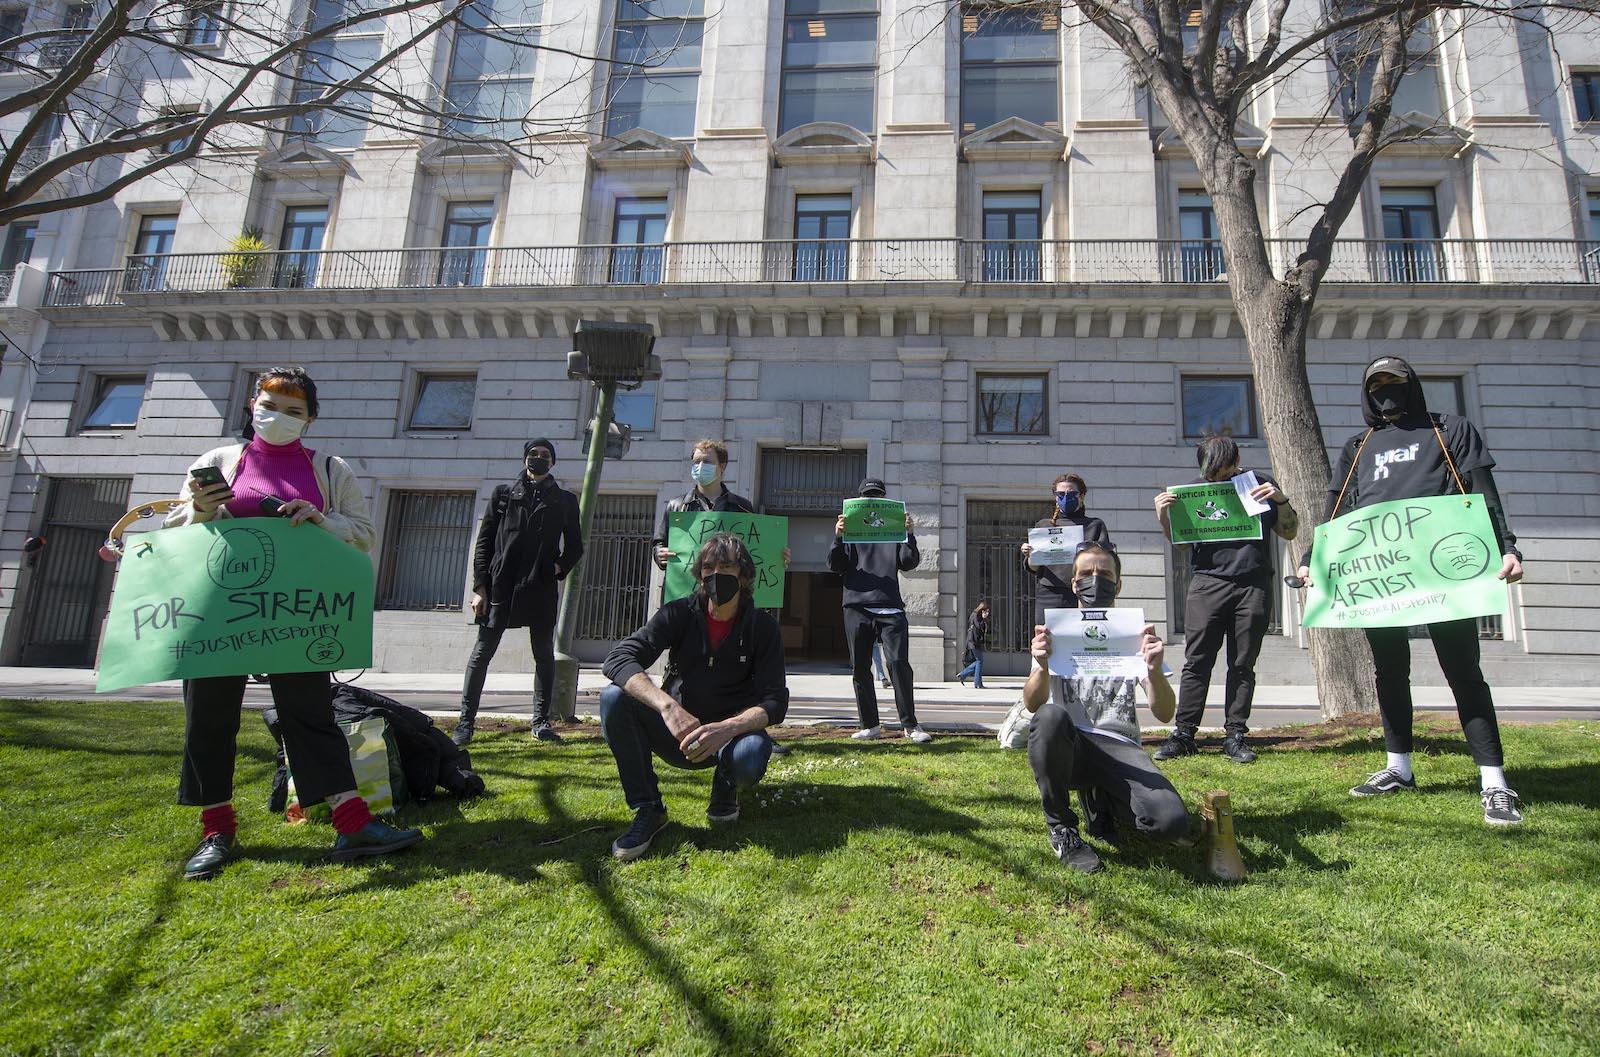 西班牙巴塞羅那– 3月15日:2021年3月15日,在西班牙音樂家和專職工會聯合會的全球集會上,幾位音樂家在Spotify總部前進行了表演。 抗議者們主要呼籲音樂巨人向藝術家支付適當的費用,公開簽署的合同,並將唱片中的所有作品歸功於他們。  (照片由阿爾貝托·奧爾特加/歐羅巴出版社通過Getty Images拍攝)